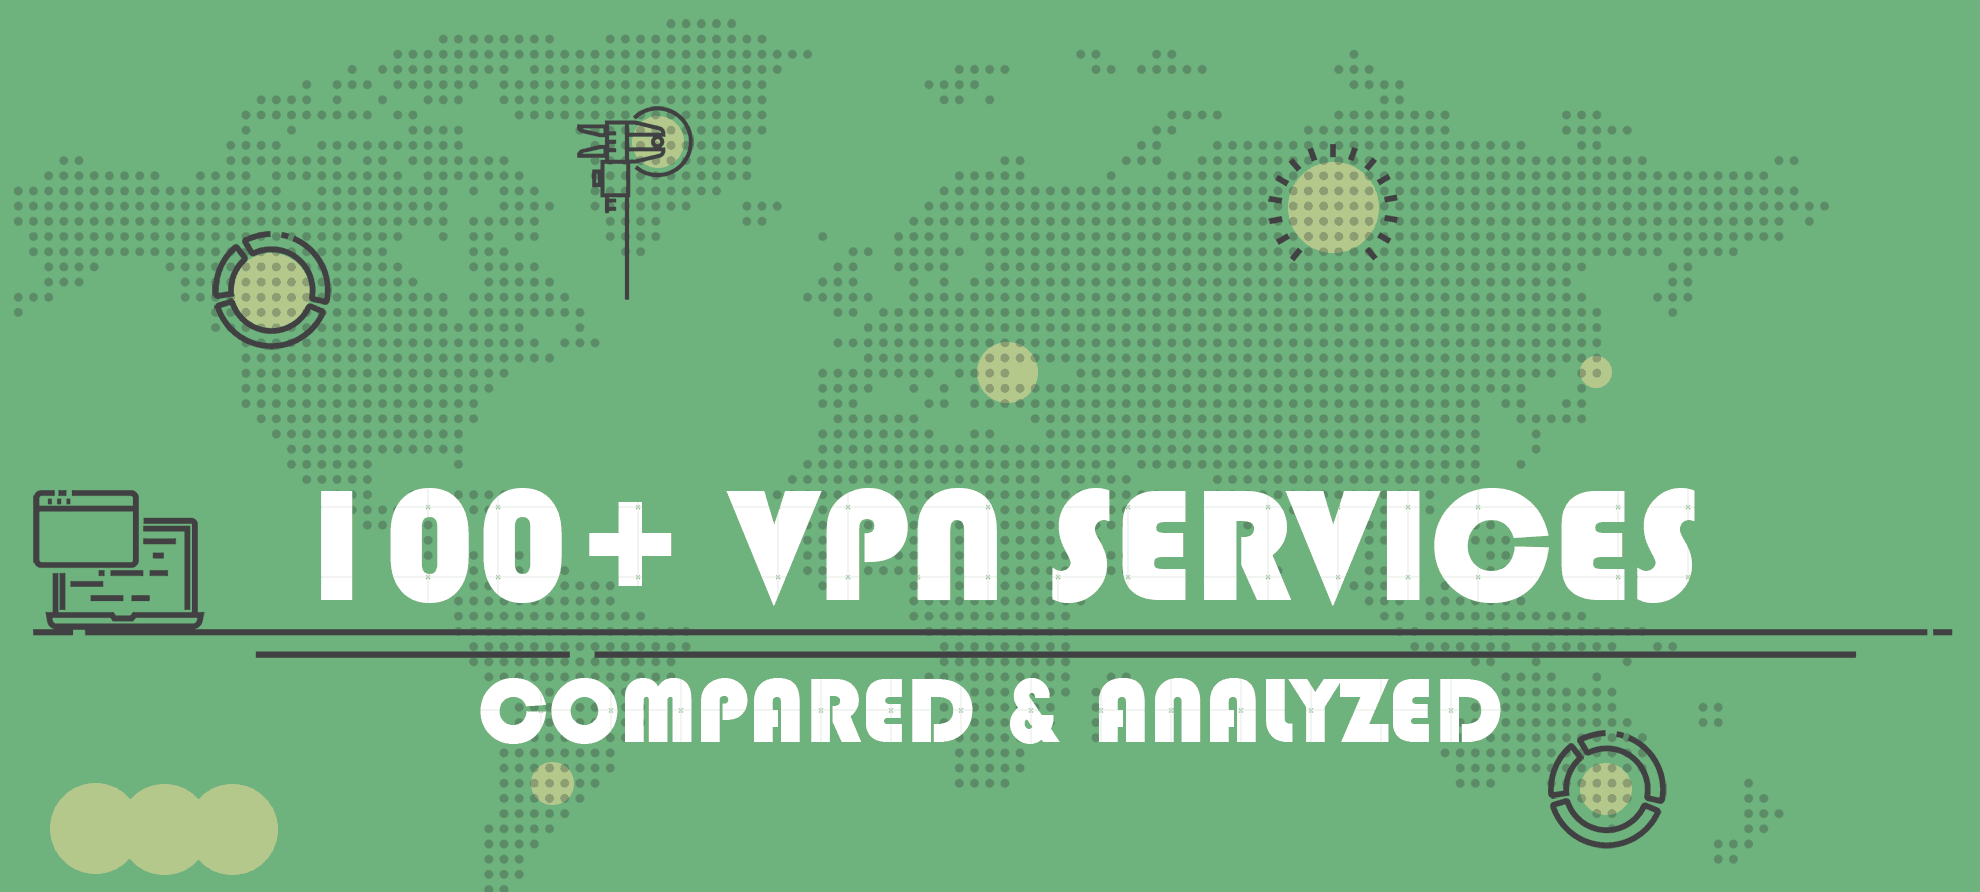 Read 100+ Best VPN Services Roundup & Comparison